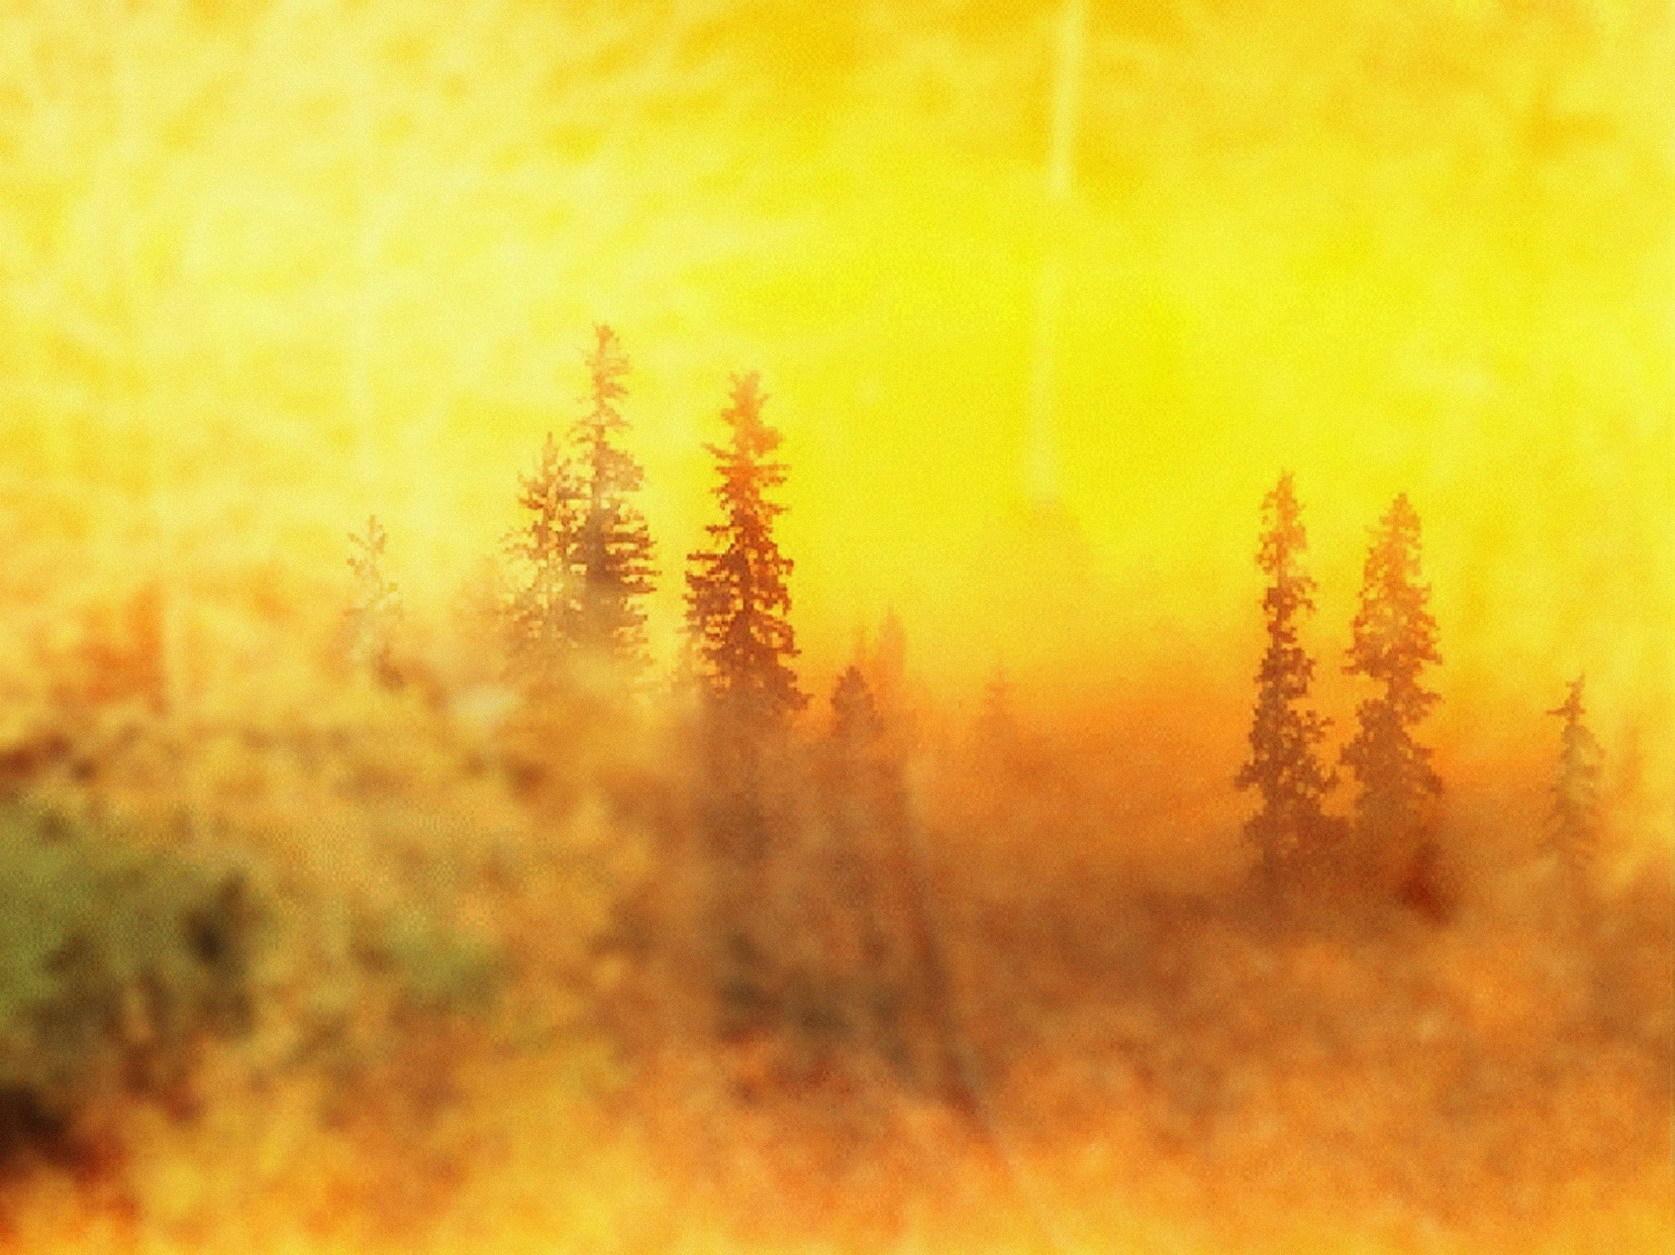 黄色片树林系列_装饰画 油画 客厅 欧洲画风景画无框画珂罗版雾笼罩的树林黄色调